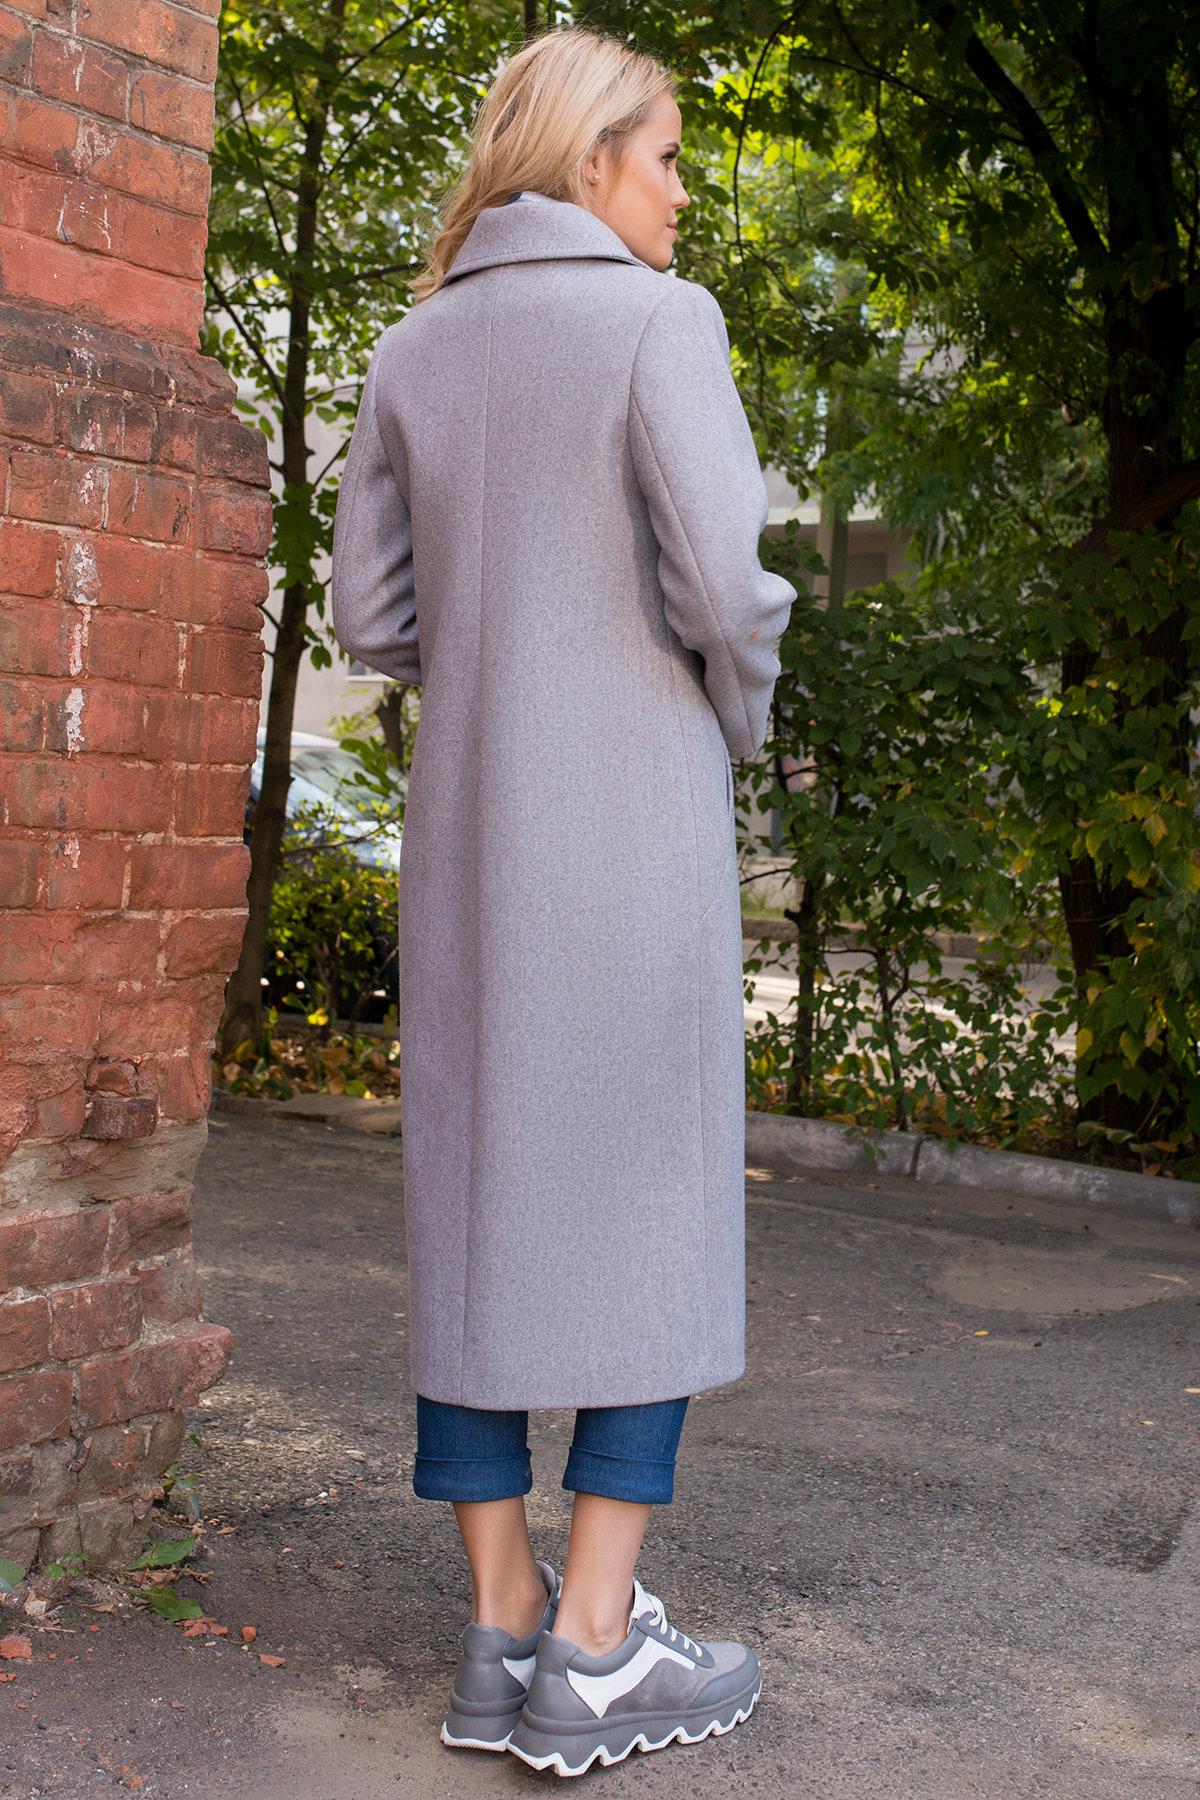 Демисезонное пальто удлиненное Миссури макси 6398 АРТ. 41317 Цвет: Серый 20 - фото 4, интернет магазин tm-modus.ru